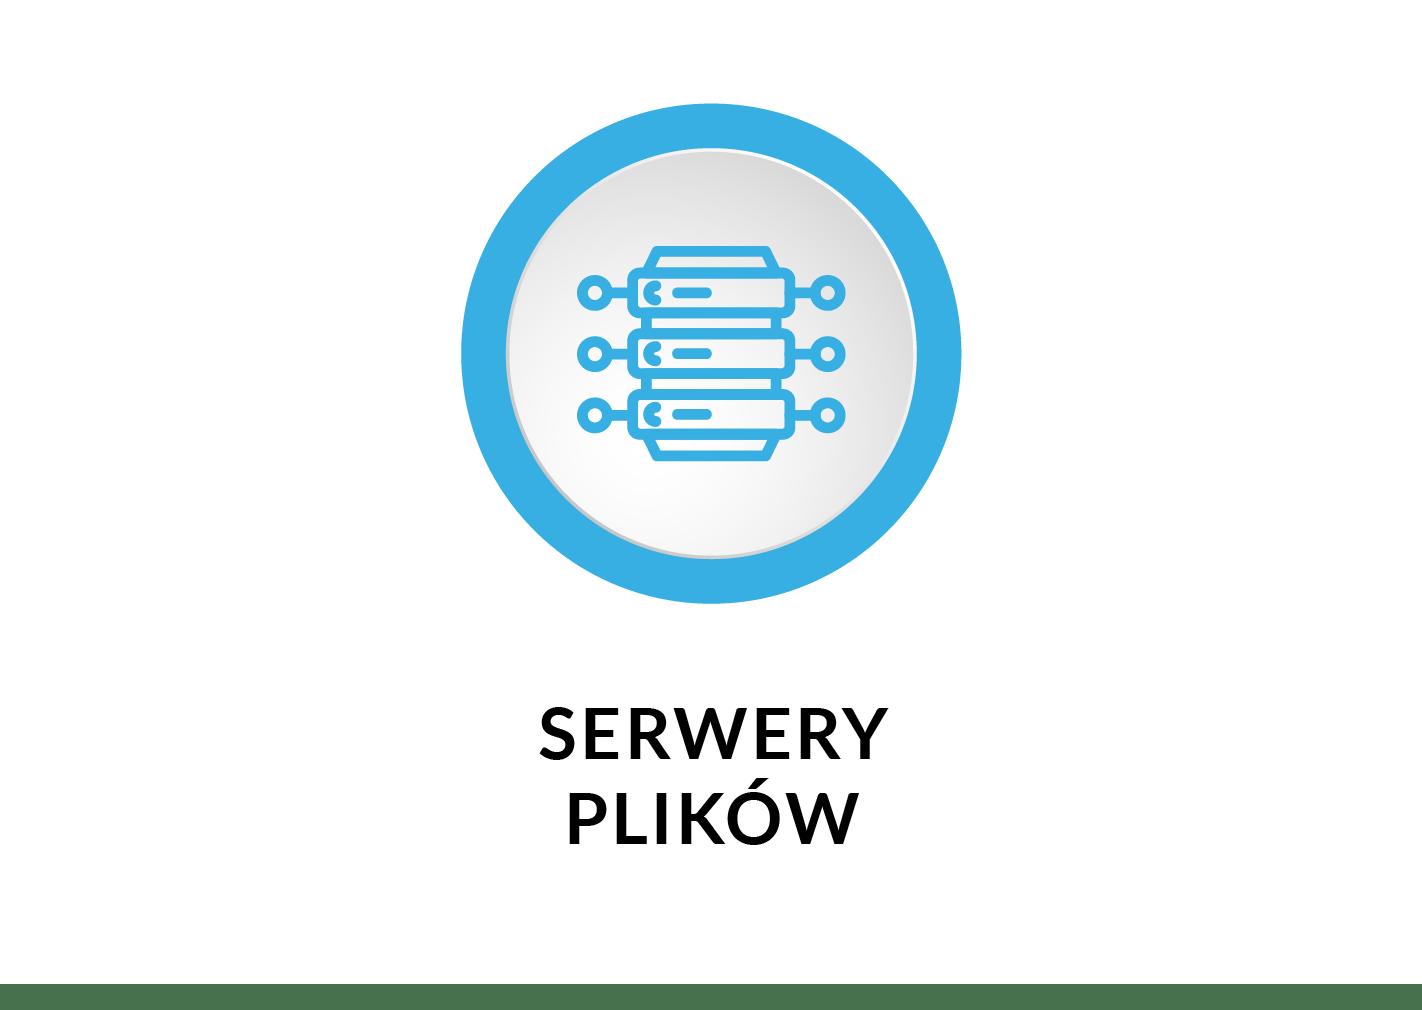 serwery-plikow (1)